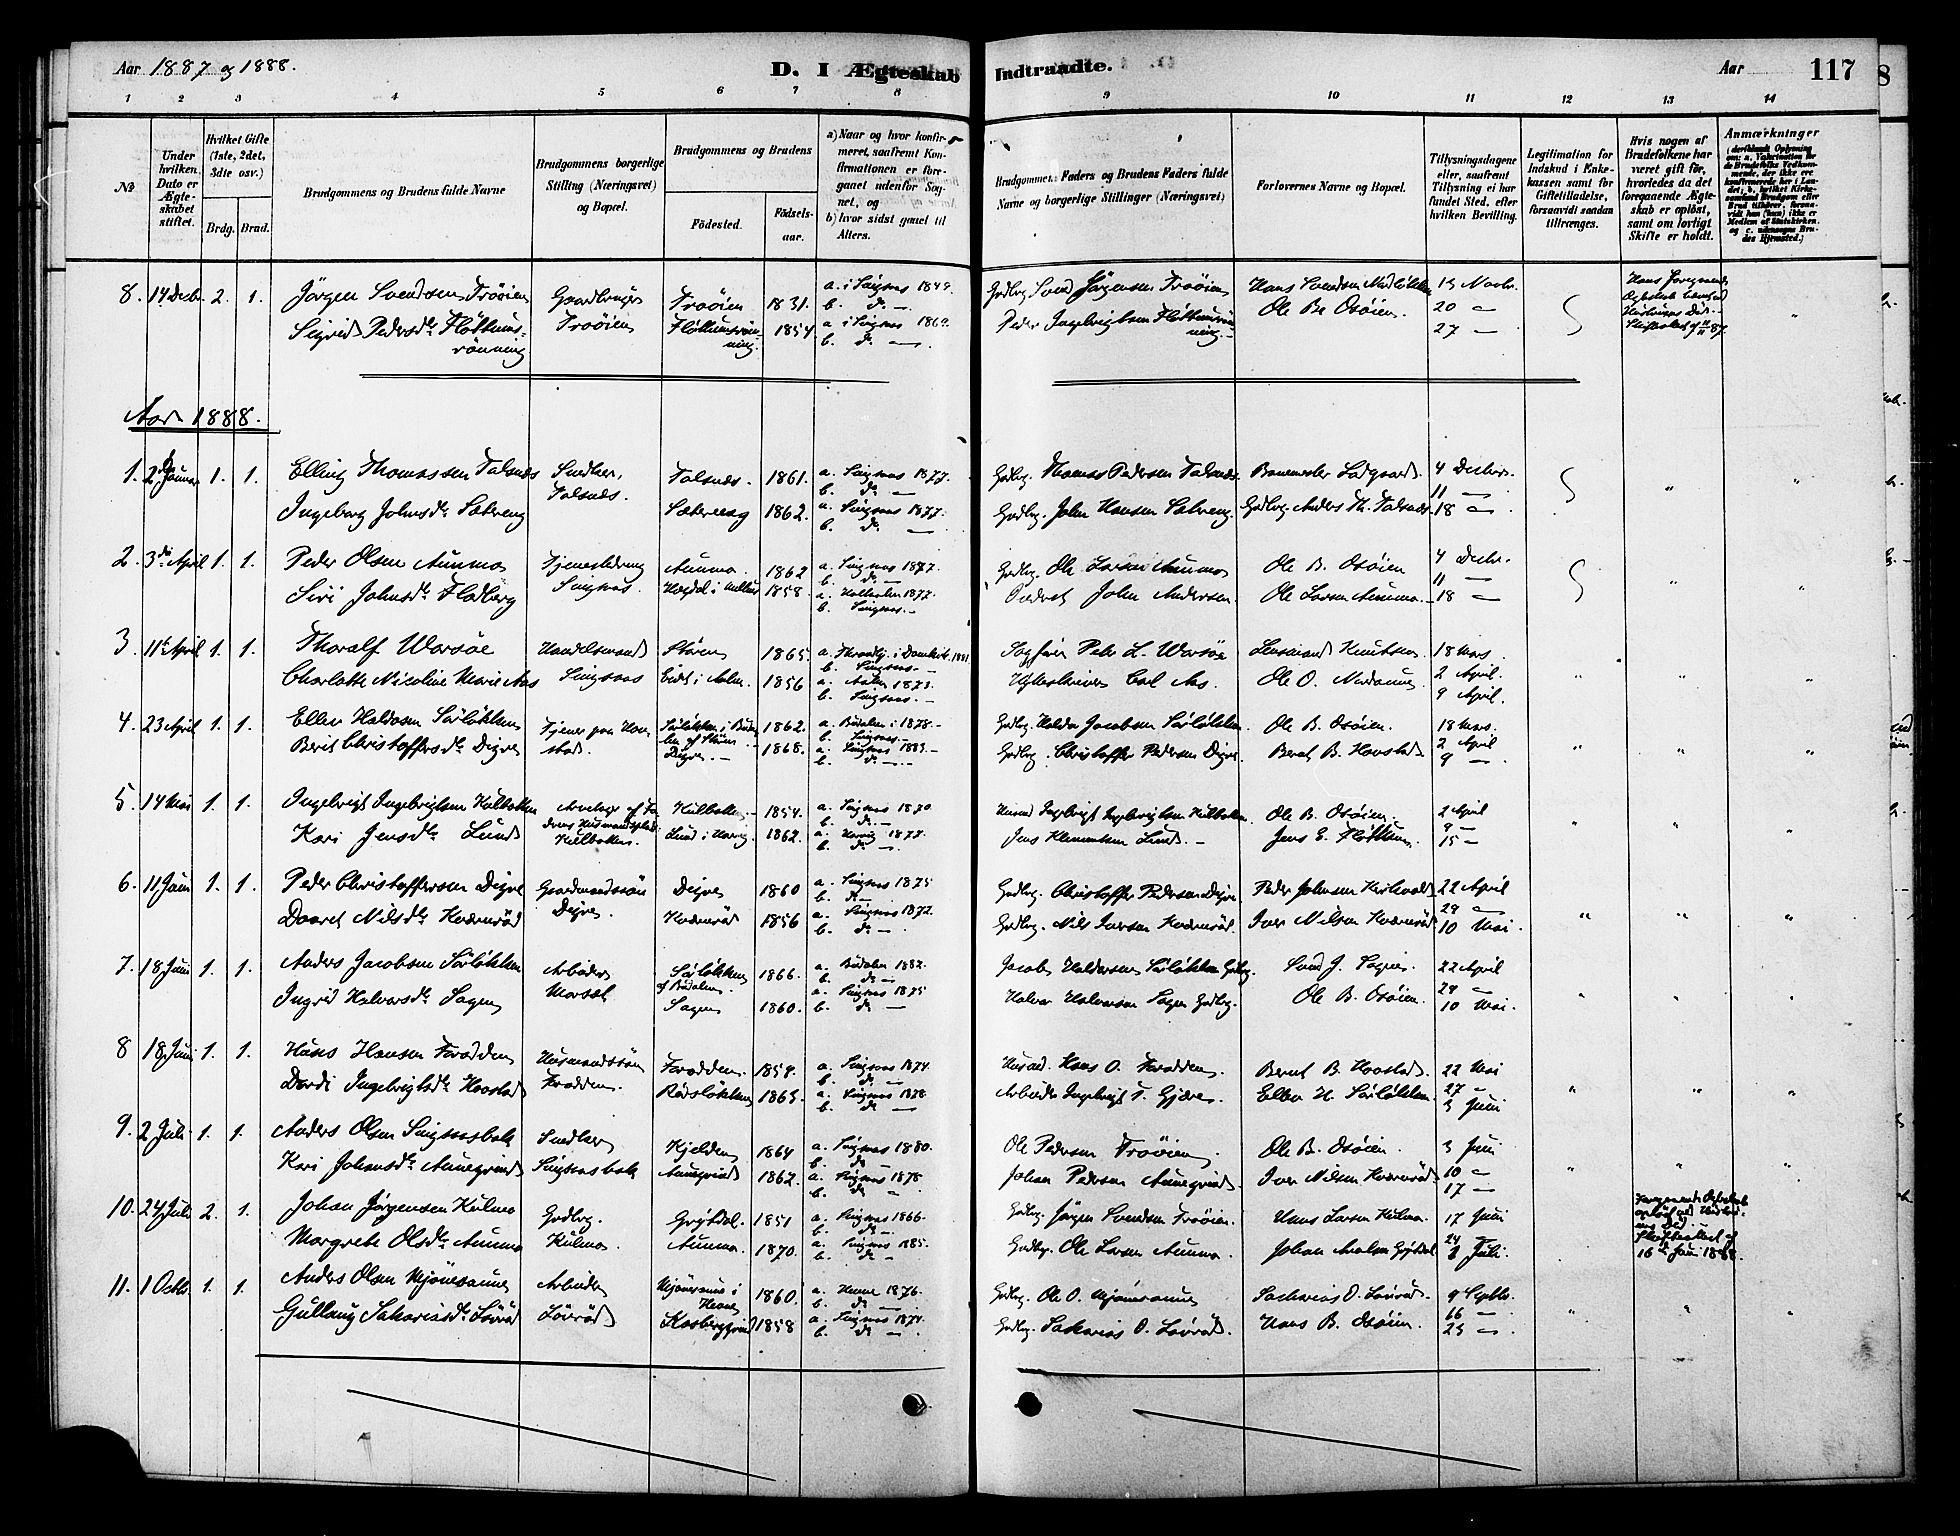 SAT, Ministerialprotokoller, klokkerbøker og fødselsregistre - Sør-Trøndelag, 688/L1024: Ministerialbok nr. 688A01, 1879-1890, s. 117